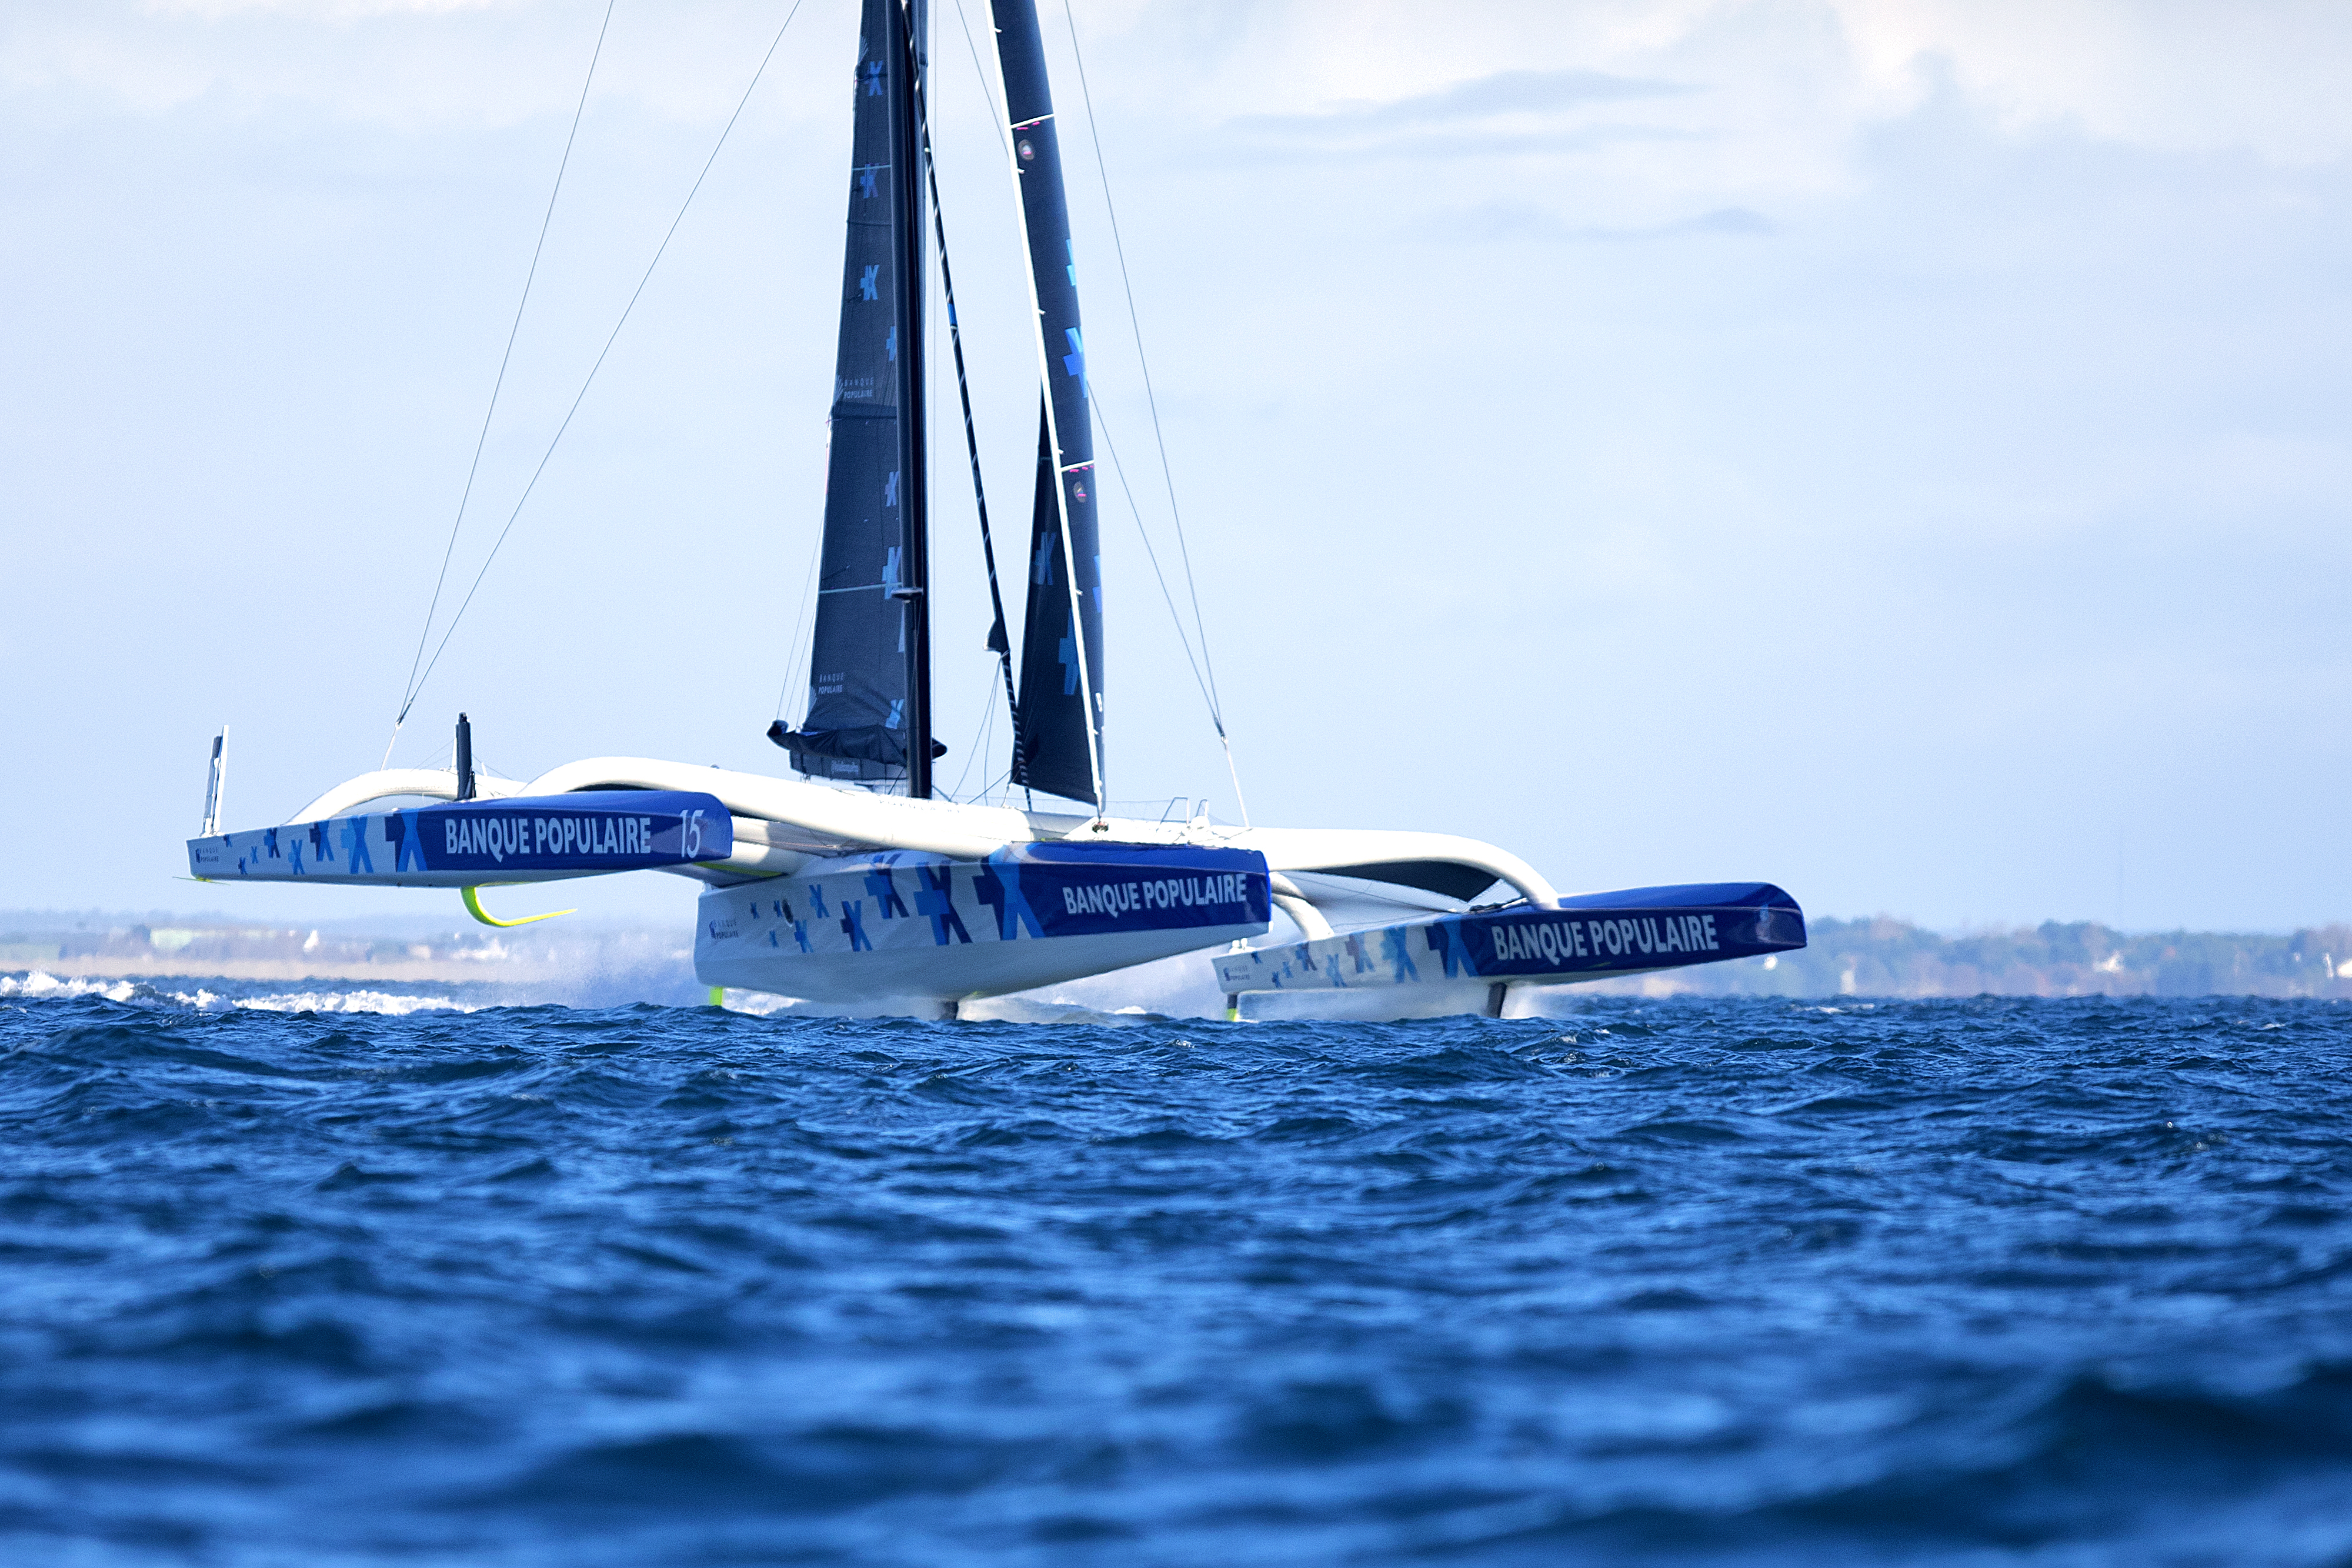 Banque Populaire IX, le bateau d'Armel Le Cleac'h a chaviré — Nice UltiMed